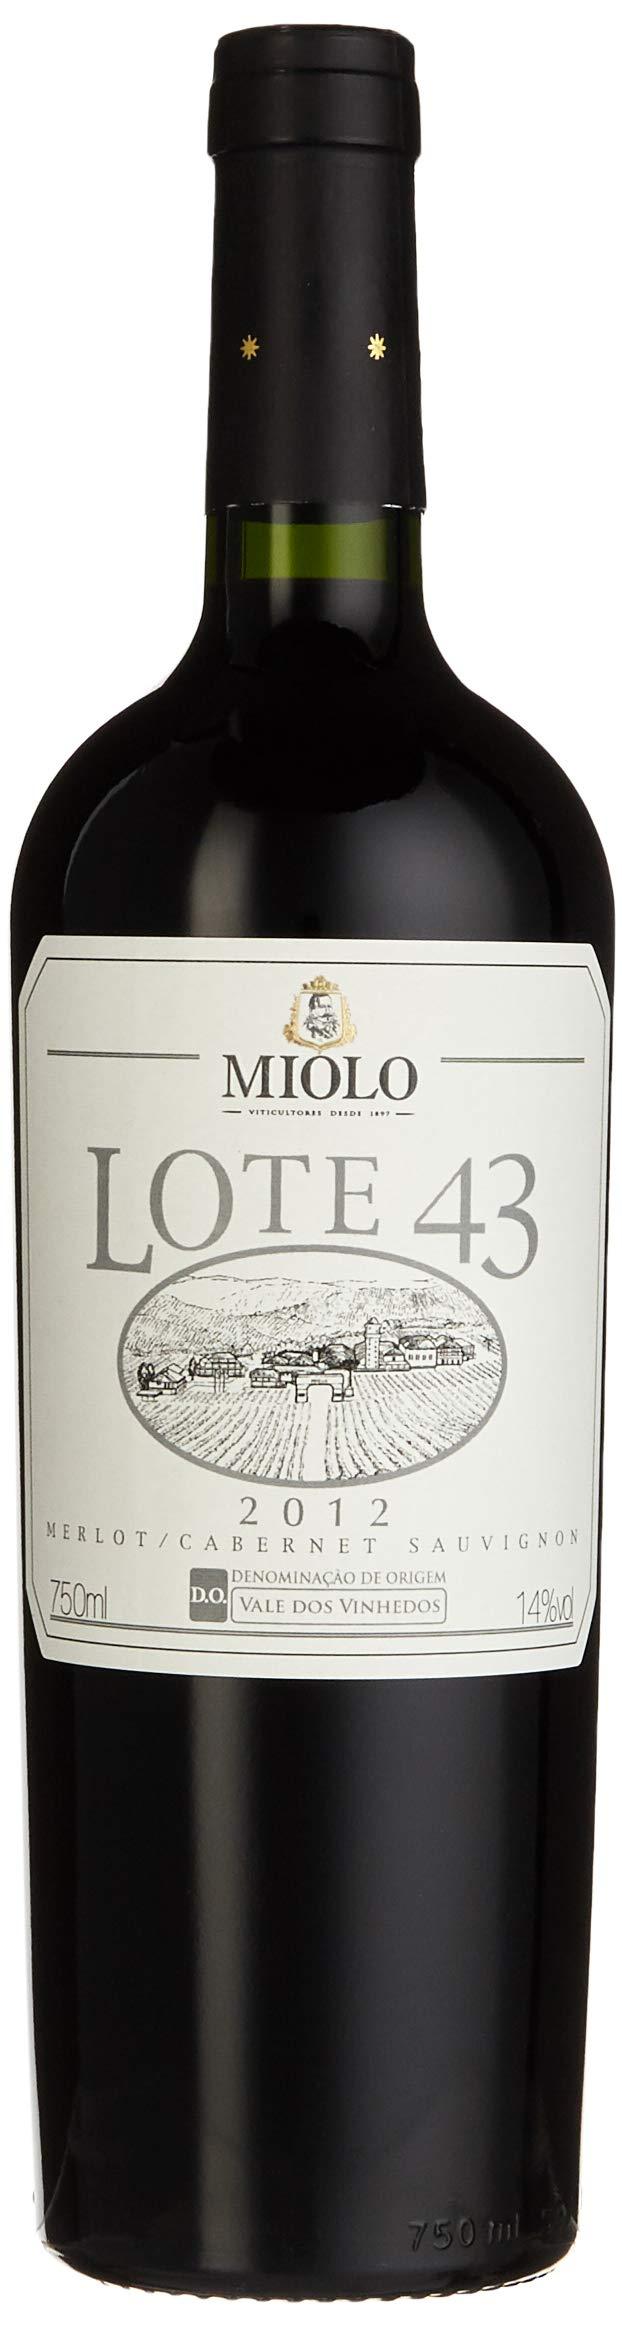 Miolo-Lote-43-Cabernet-Sauvignon-Merlot-Brasilien-Wein-1er-Pack-1-x-750-ml